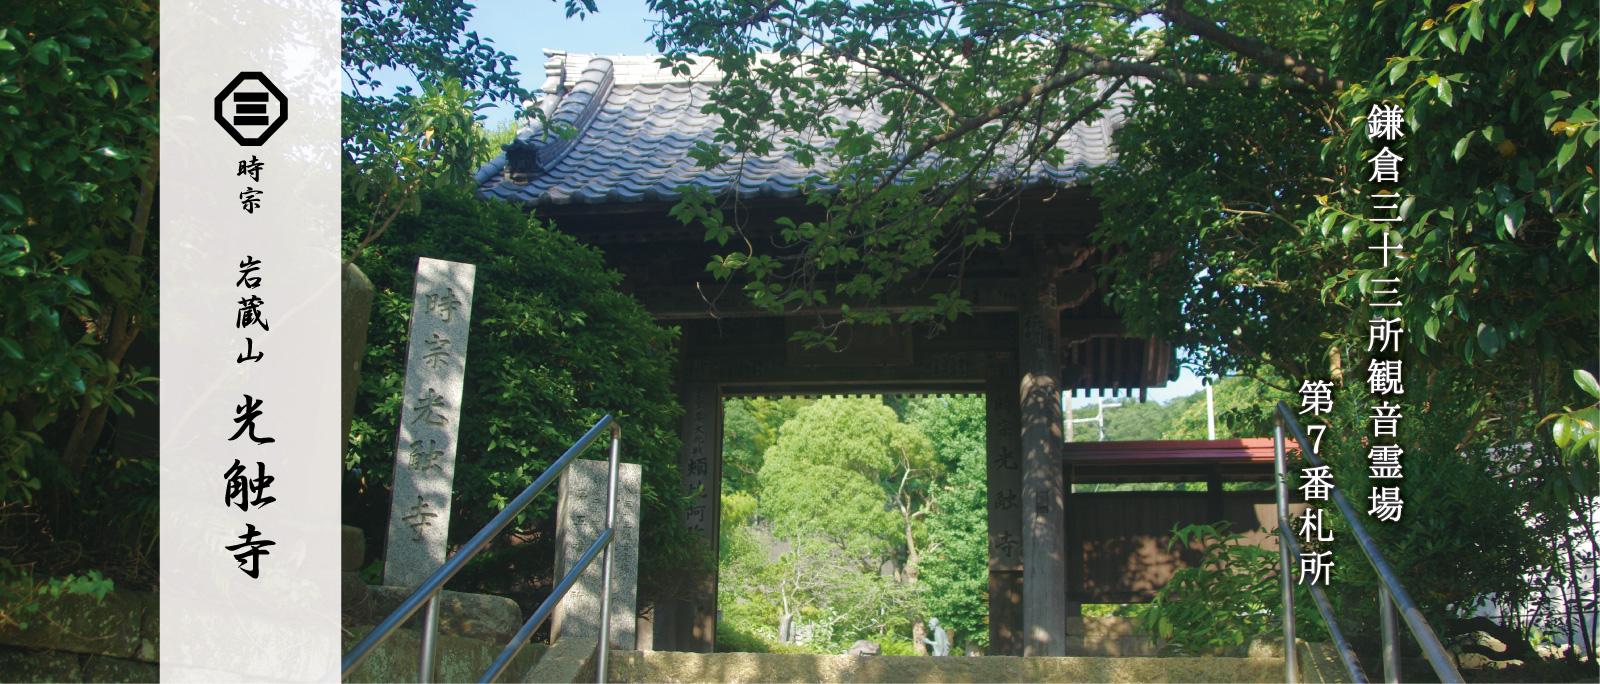 鎌倉 時宗 岩蔵山 光触寺